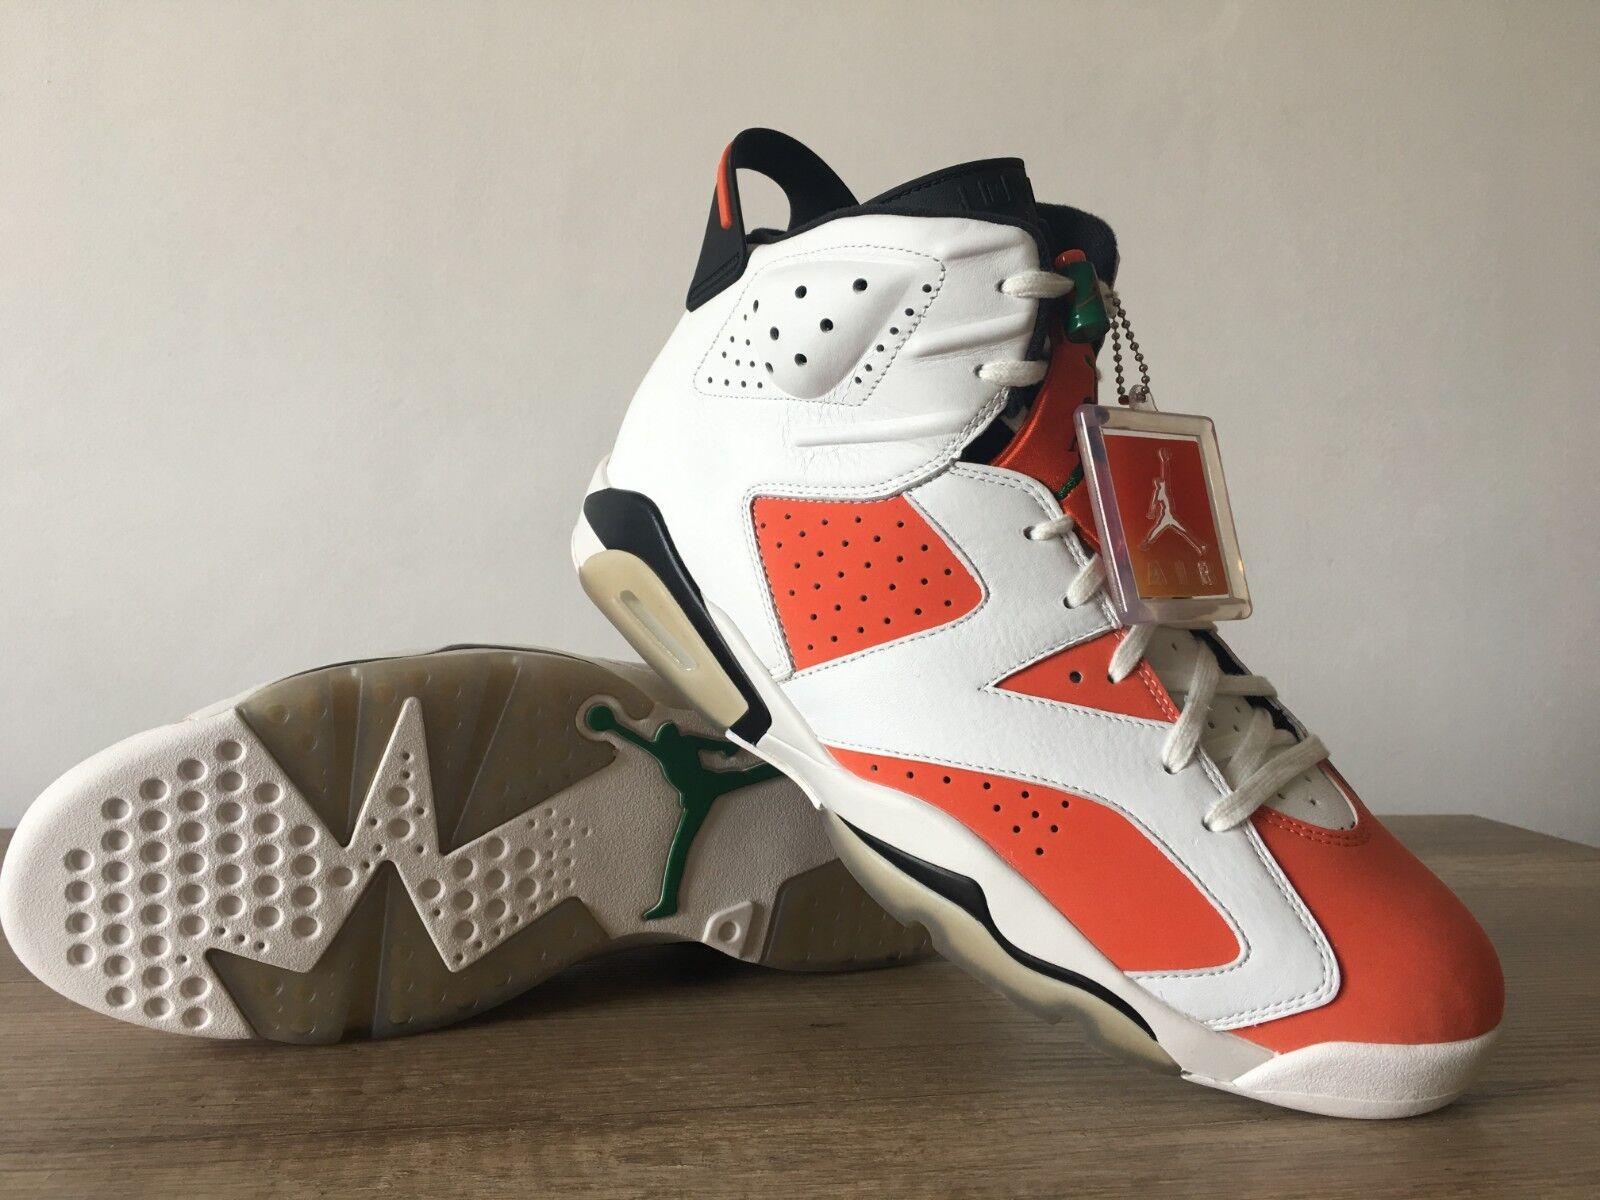 Air Jordan 6 Retro scarpe da ginnastica Scarpe Scarpe Da Da Da Corsa basketballsch numero di scarpa 47,5 48a287